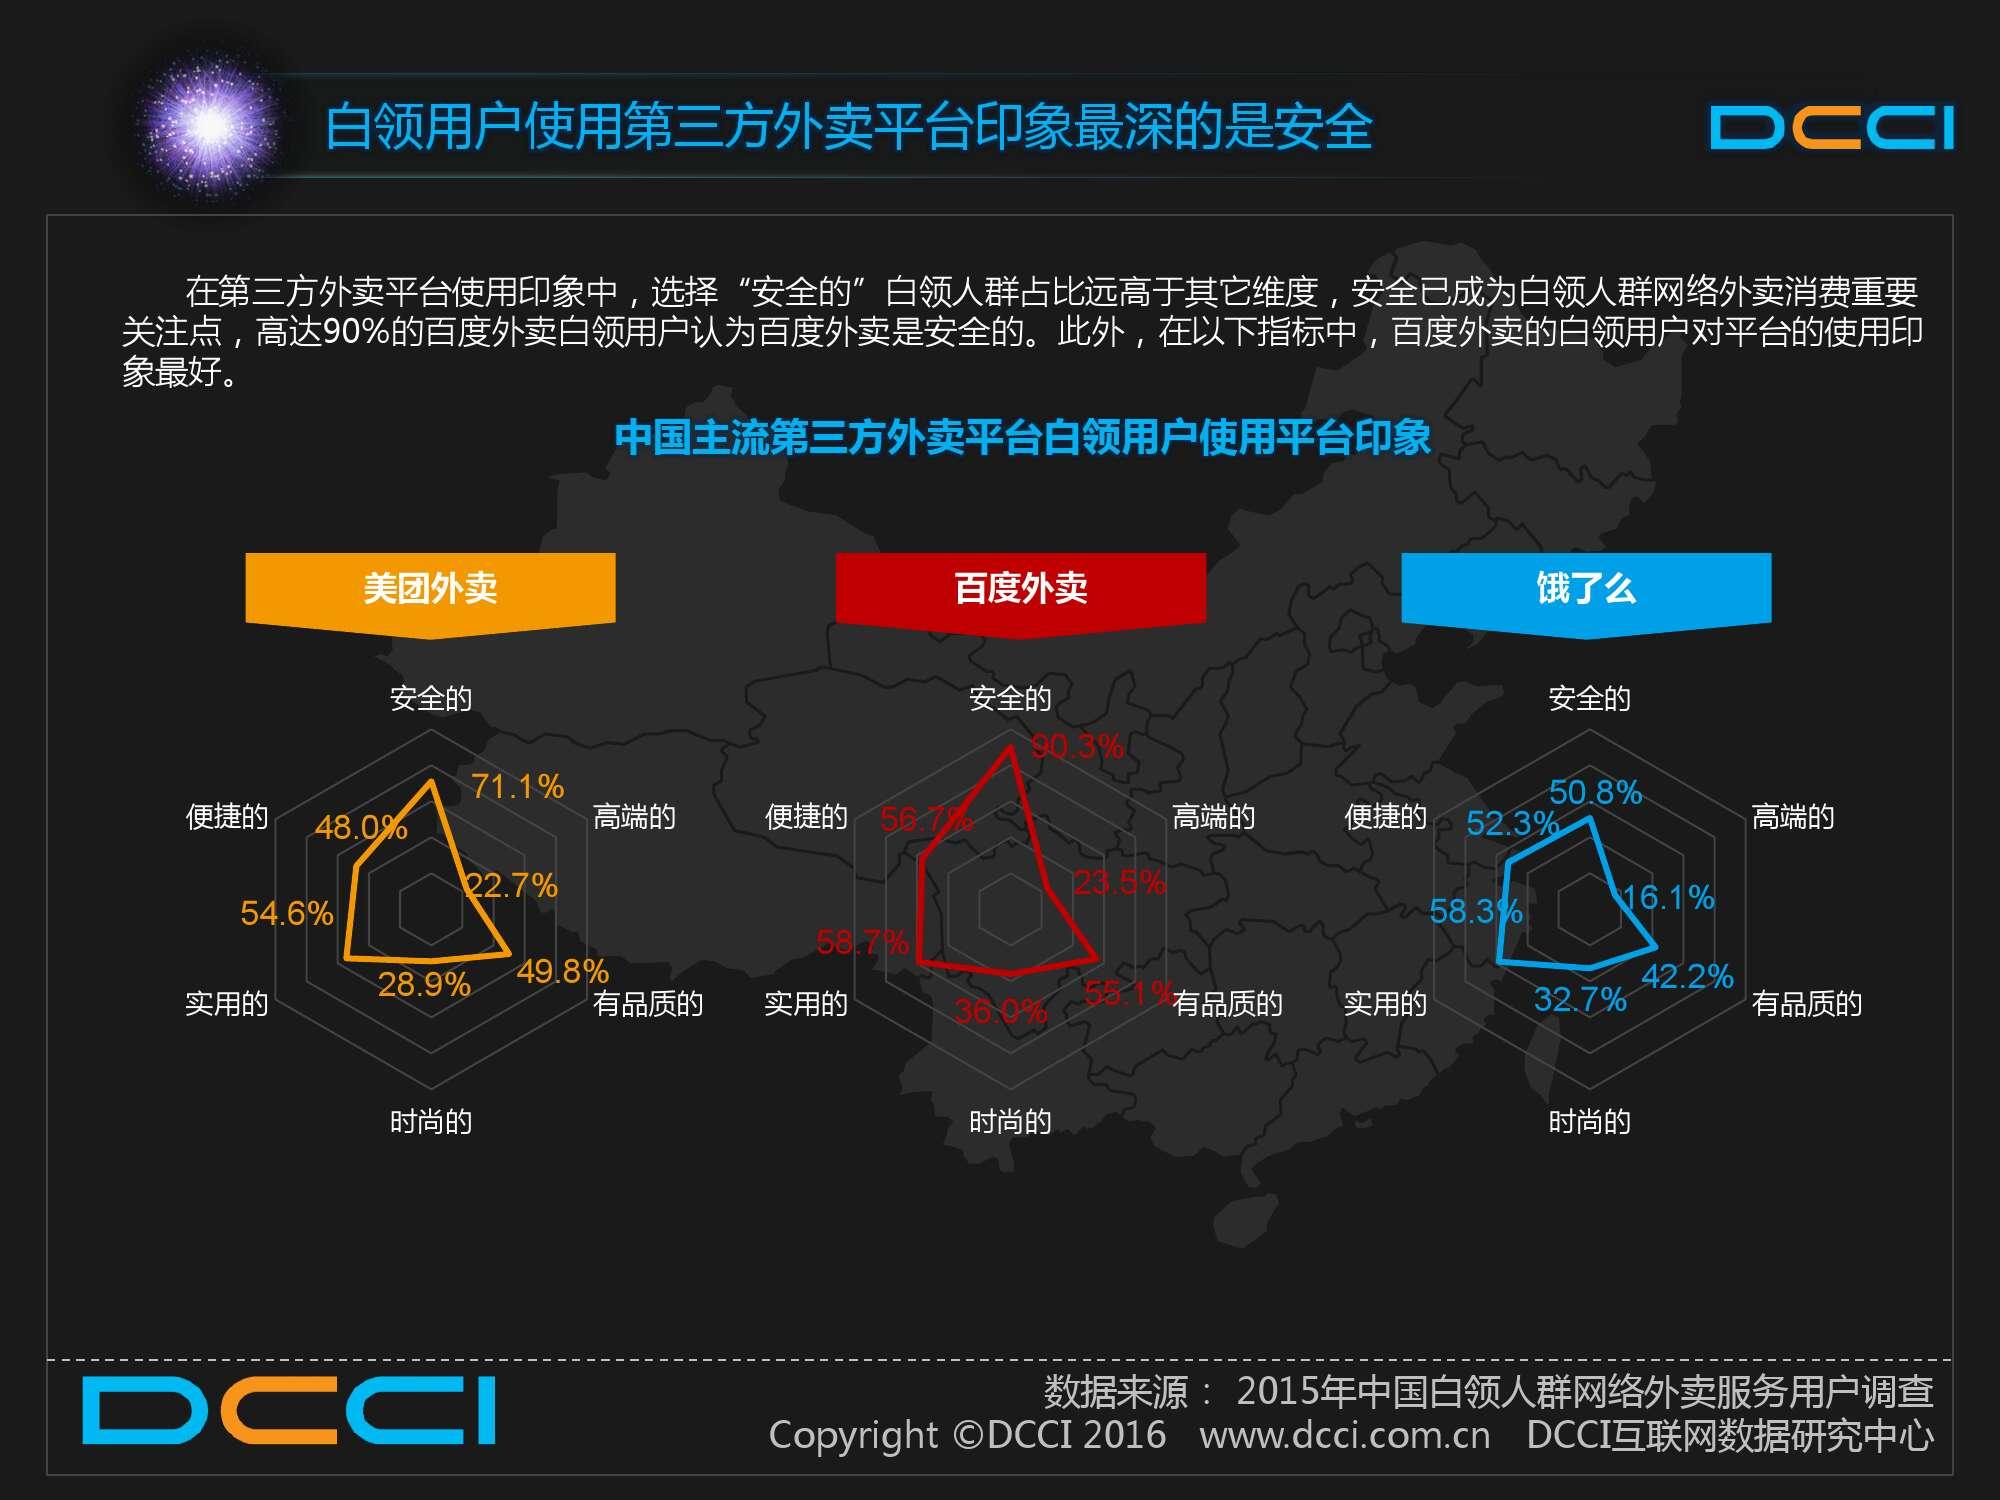 2015中国白领人群网络外卖服务研究报告_000028